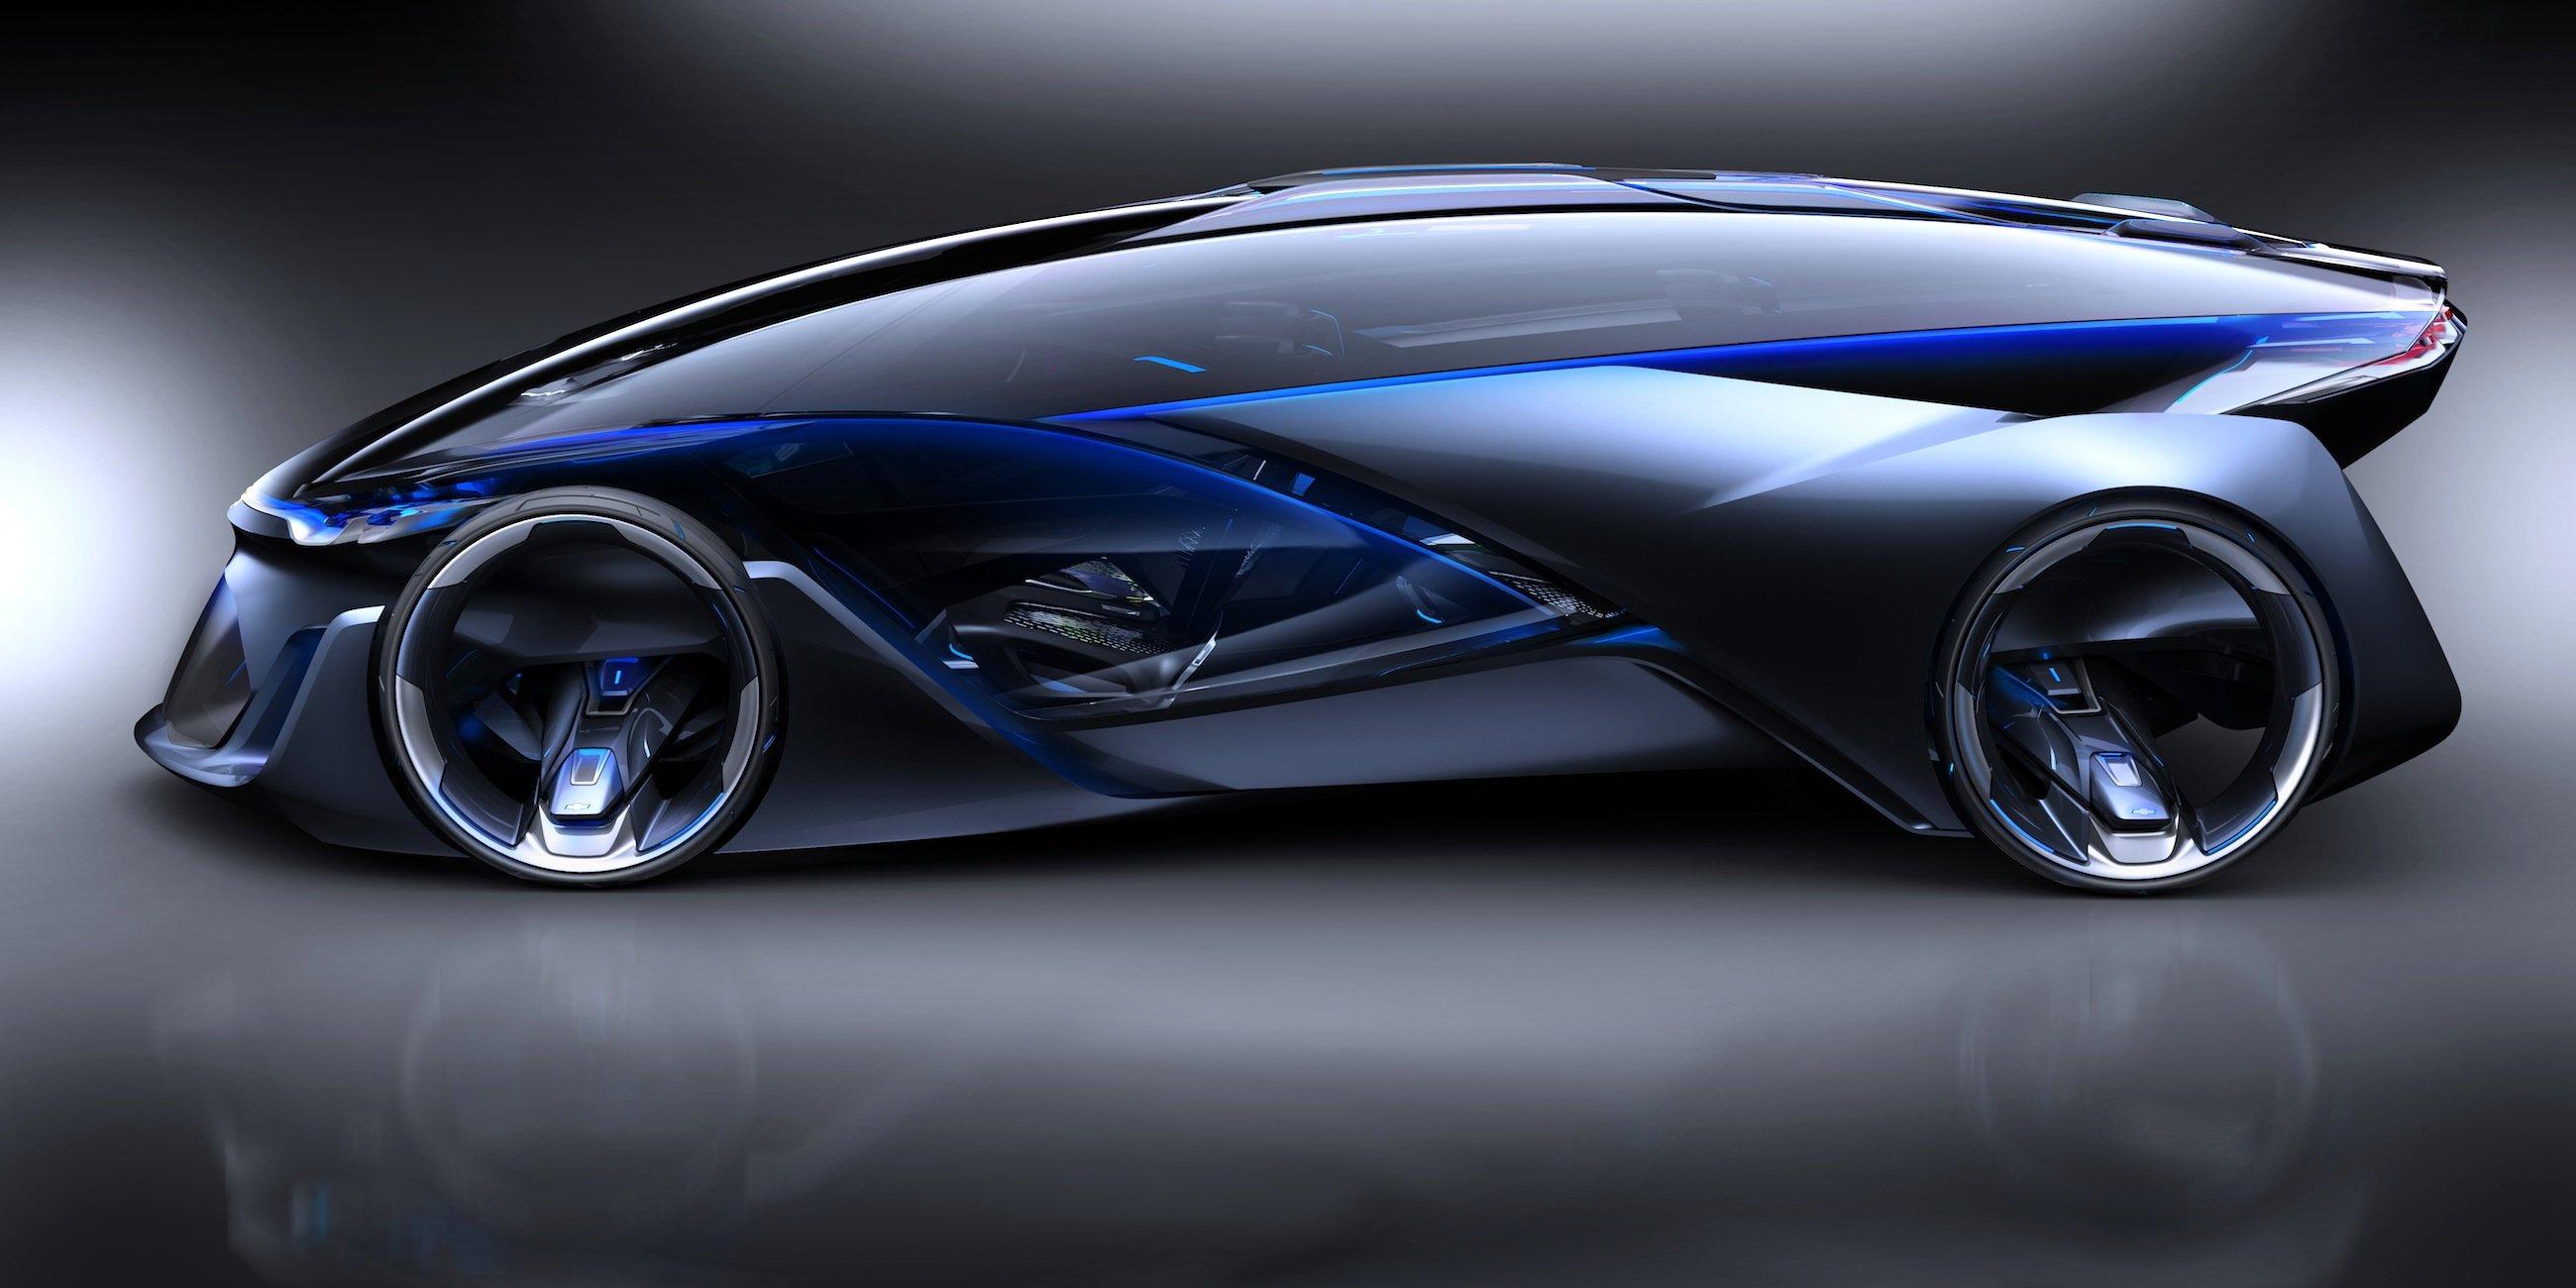 Seitenansicht des Chevrolet FNR: Das Auto kann vollkommen autonom fahren.